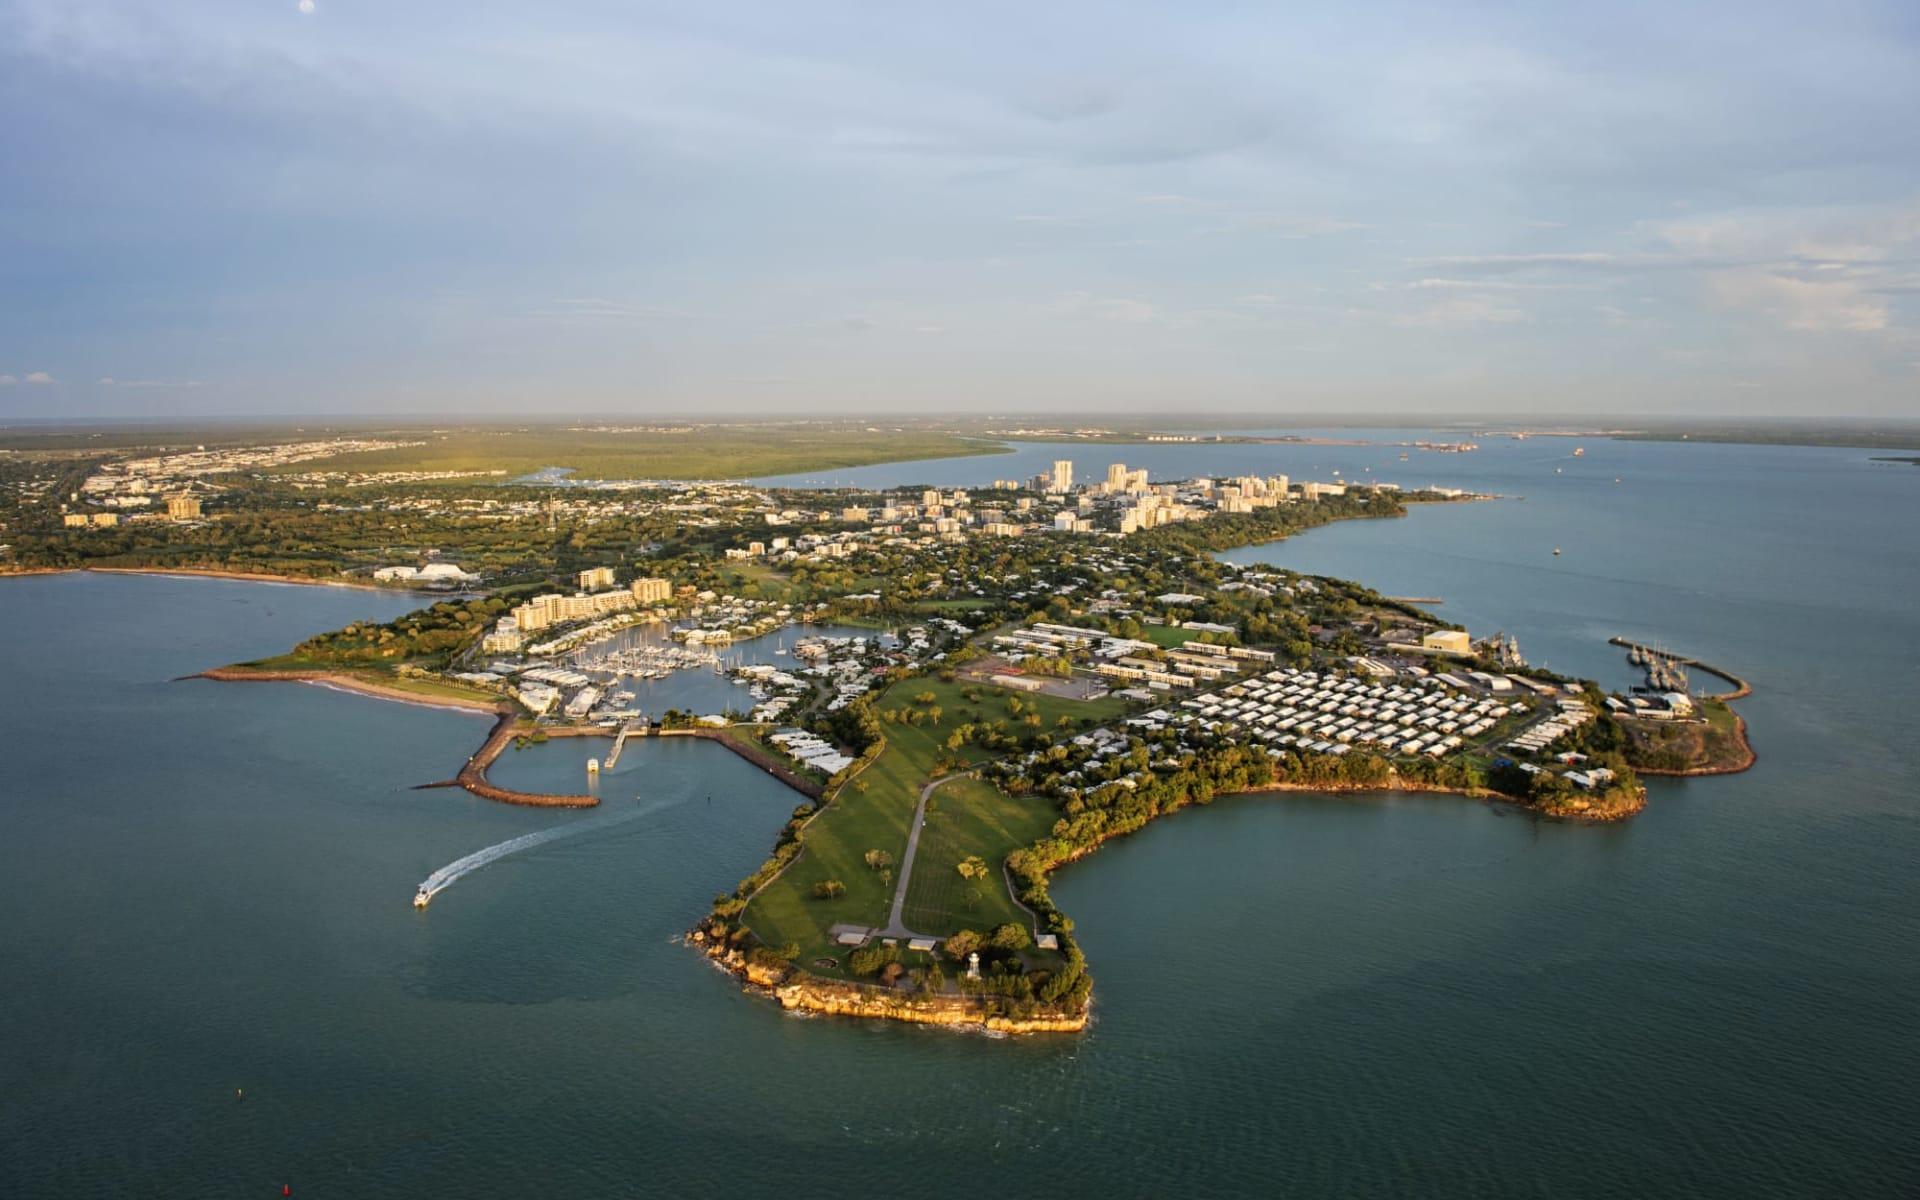 Top End Explorer ab Darwin: Australia - Northern Territory - Darwin - Aerial